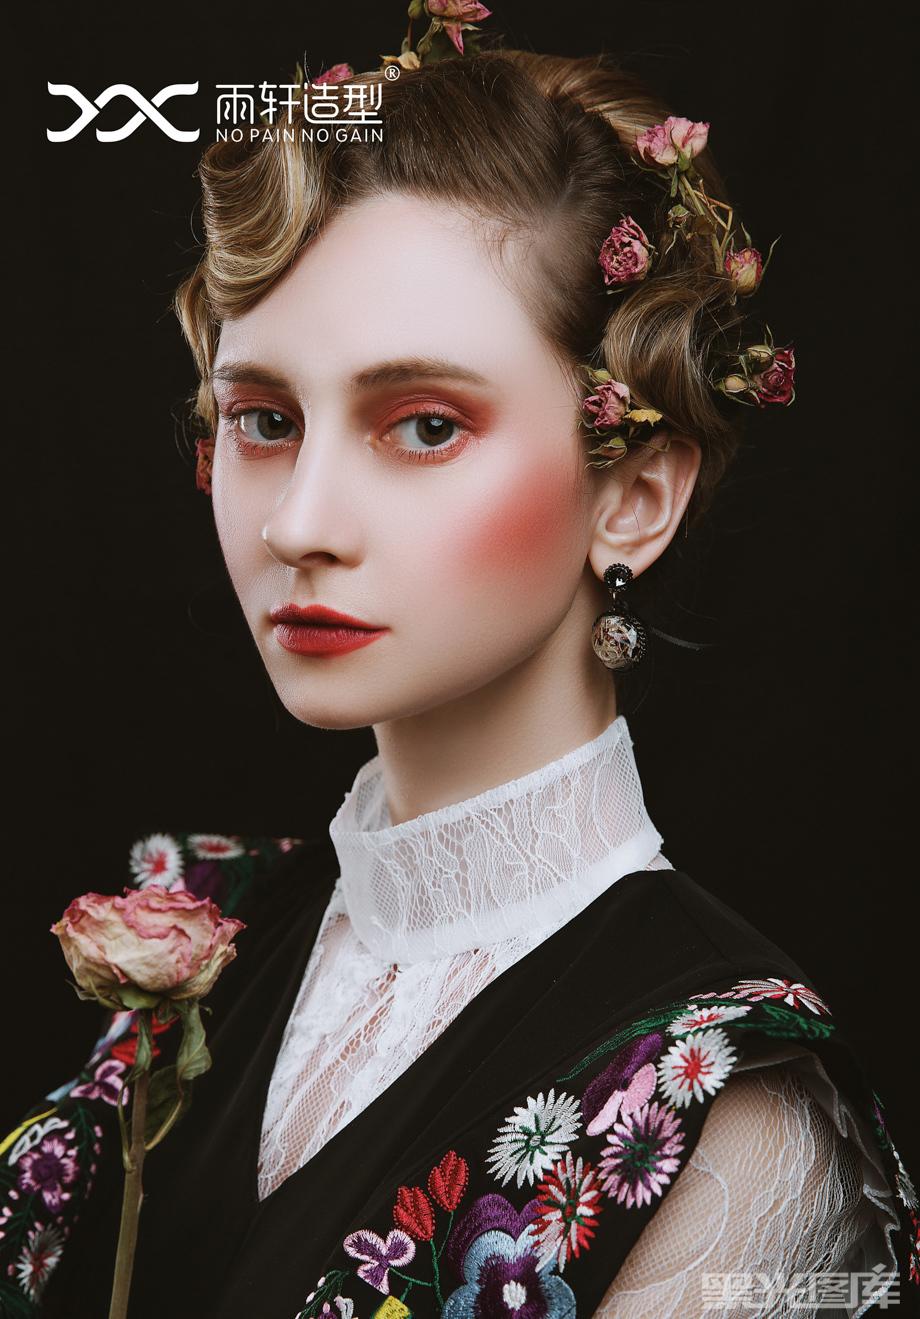 雨轩造型化妆培训的化妆造型作品《复古新娘造型》